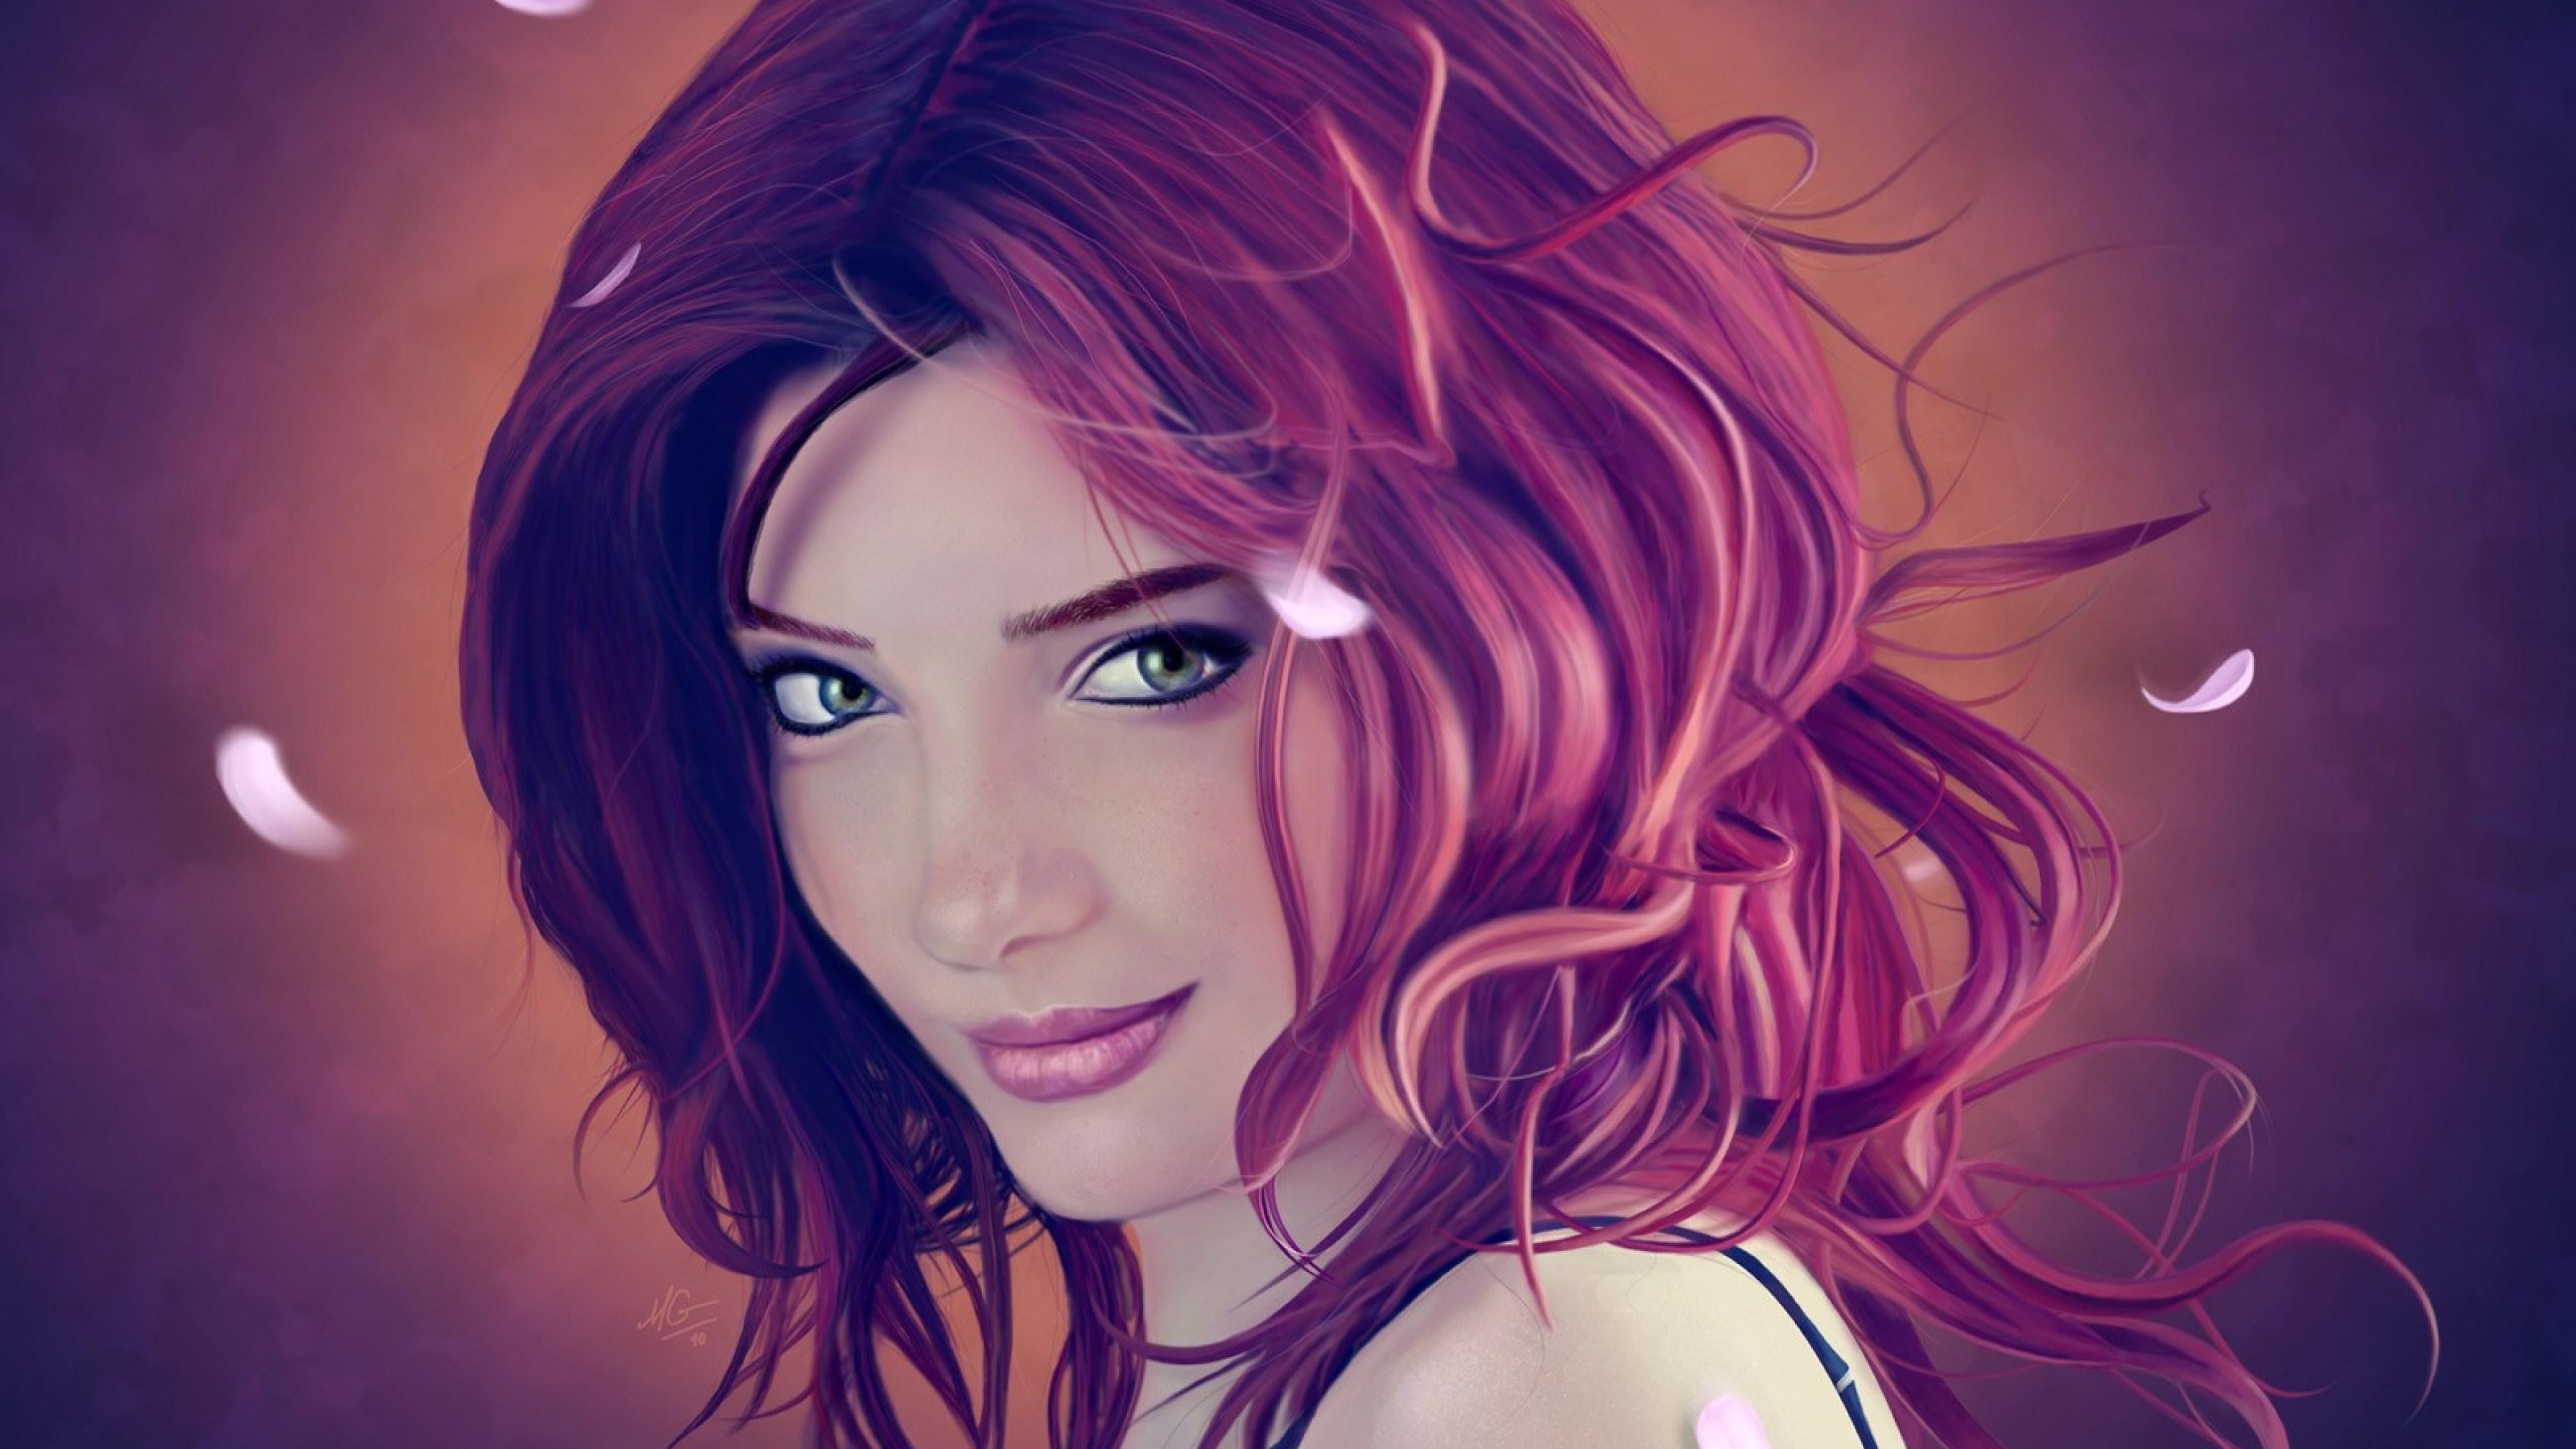 Fairytale girl wallpaper